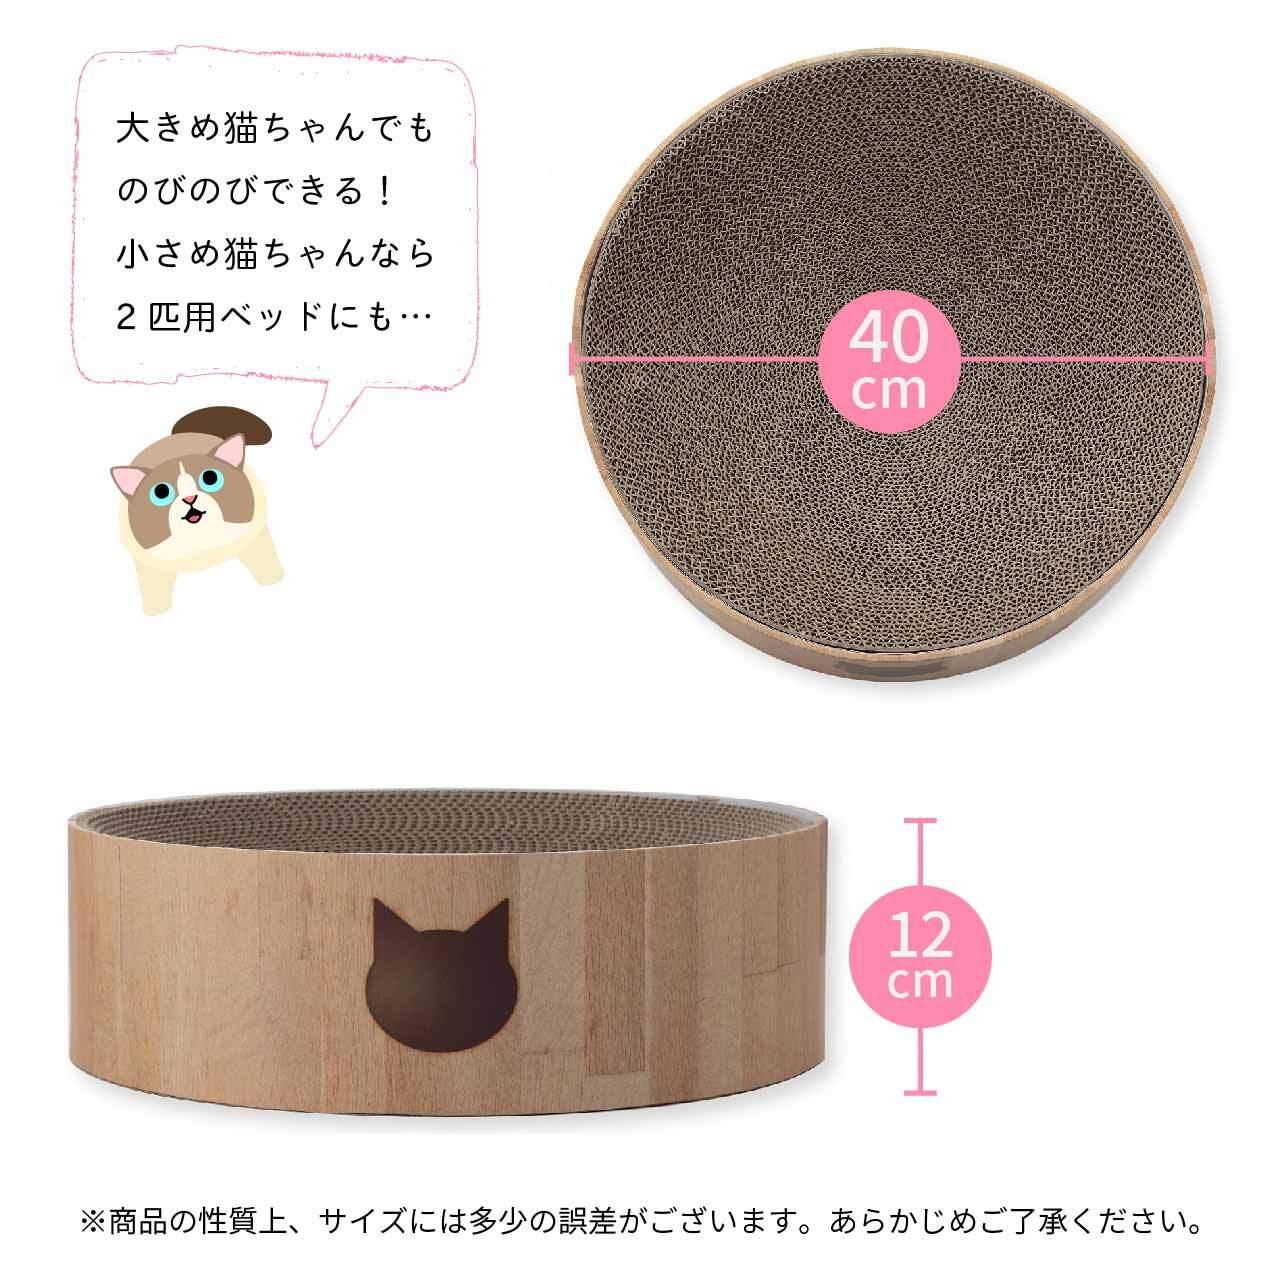 バリバリボウルXL誕生ストーリー【猫壱Story】